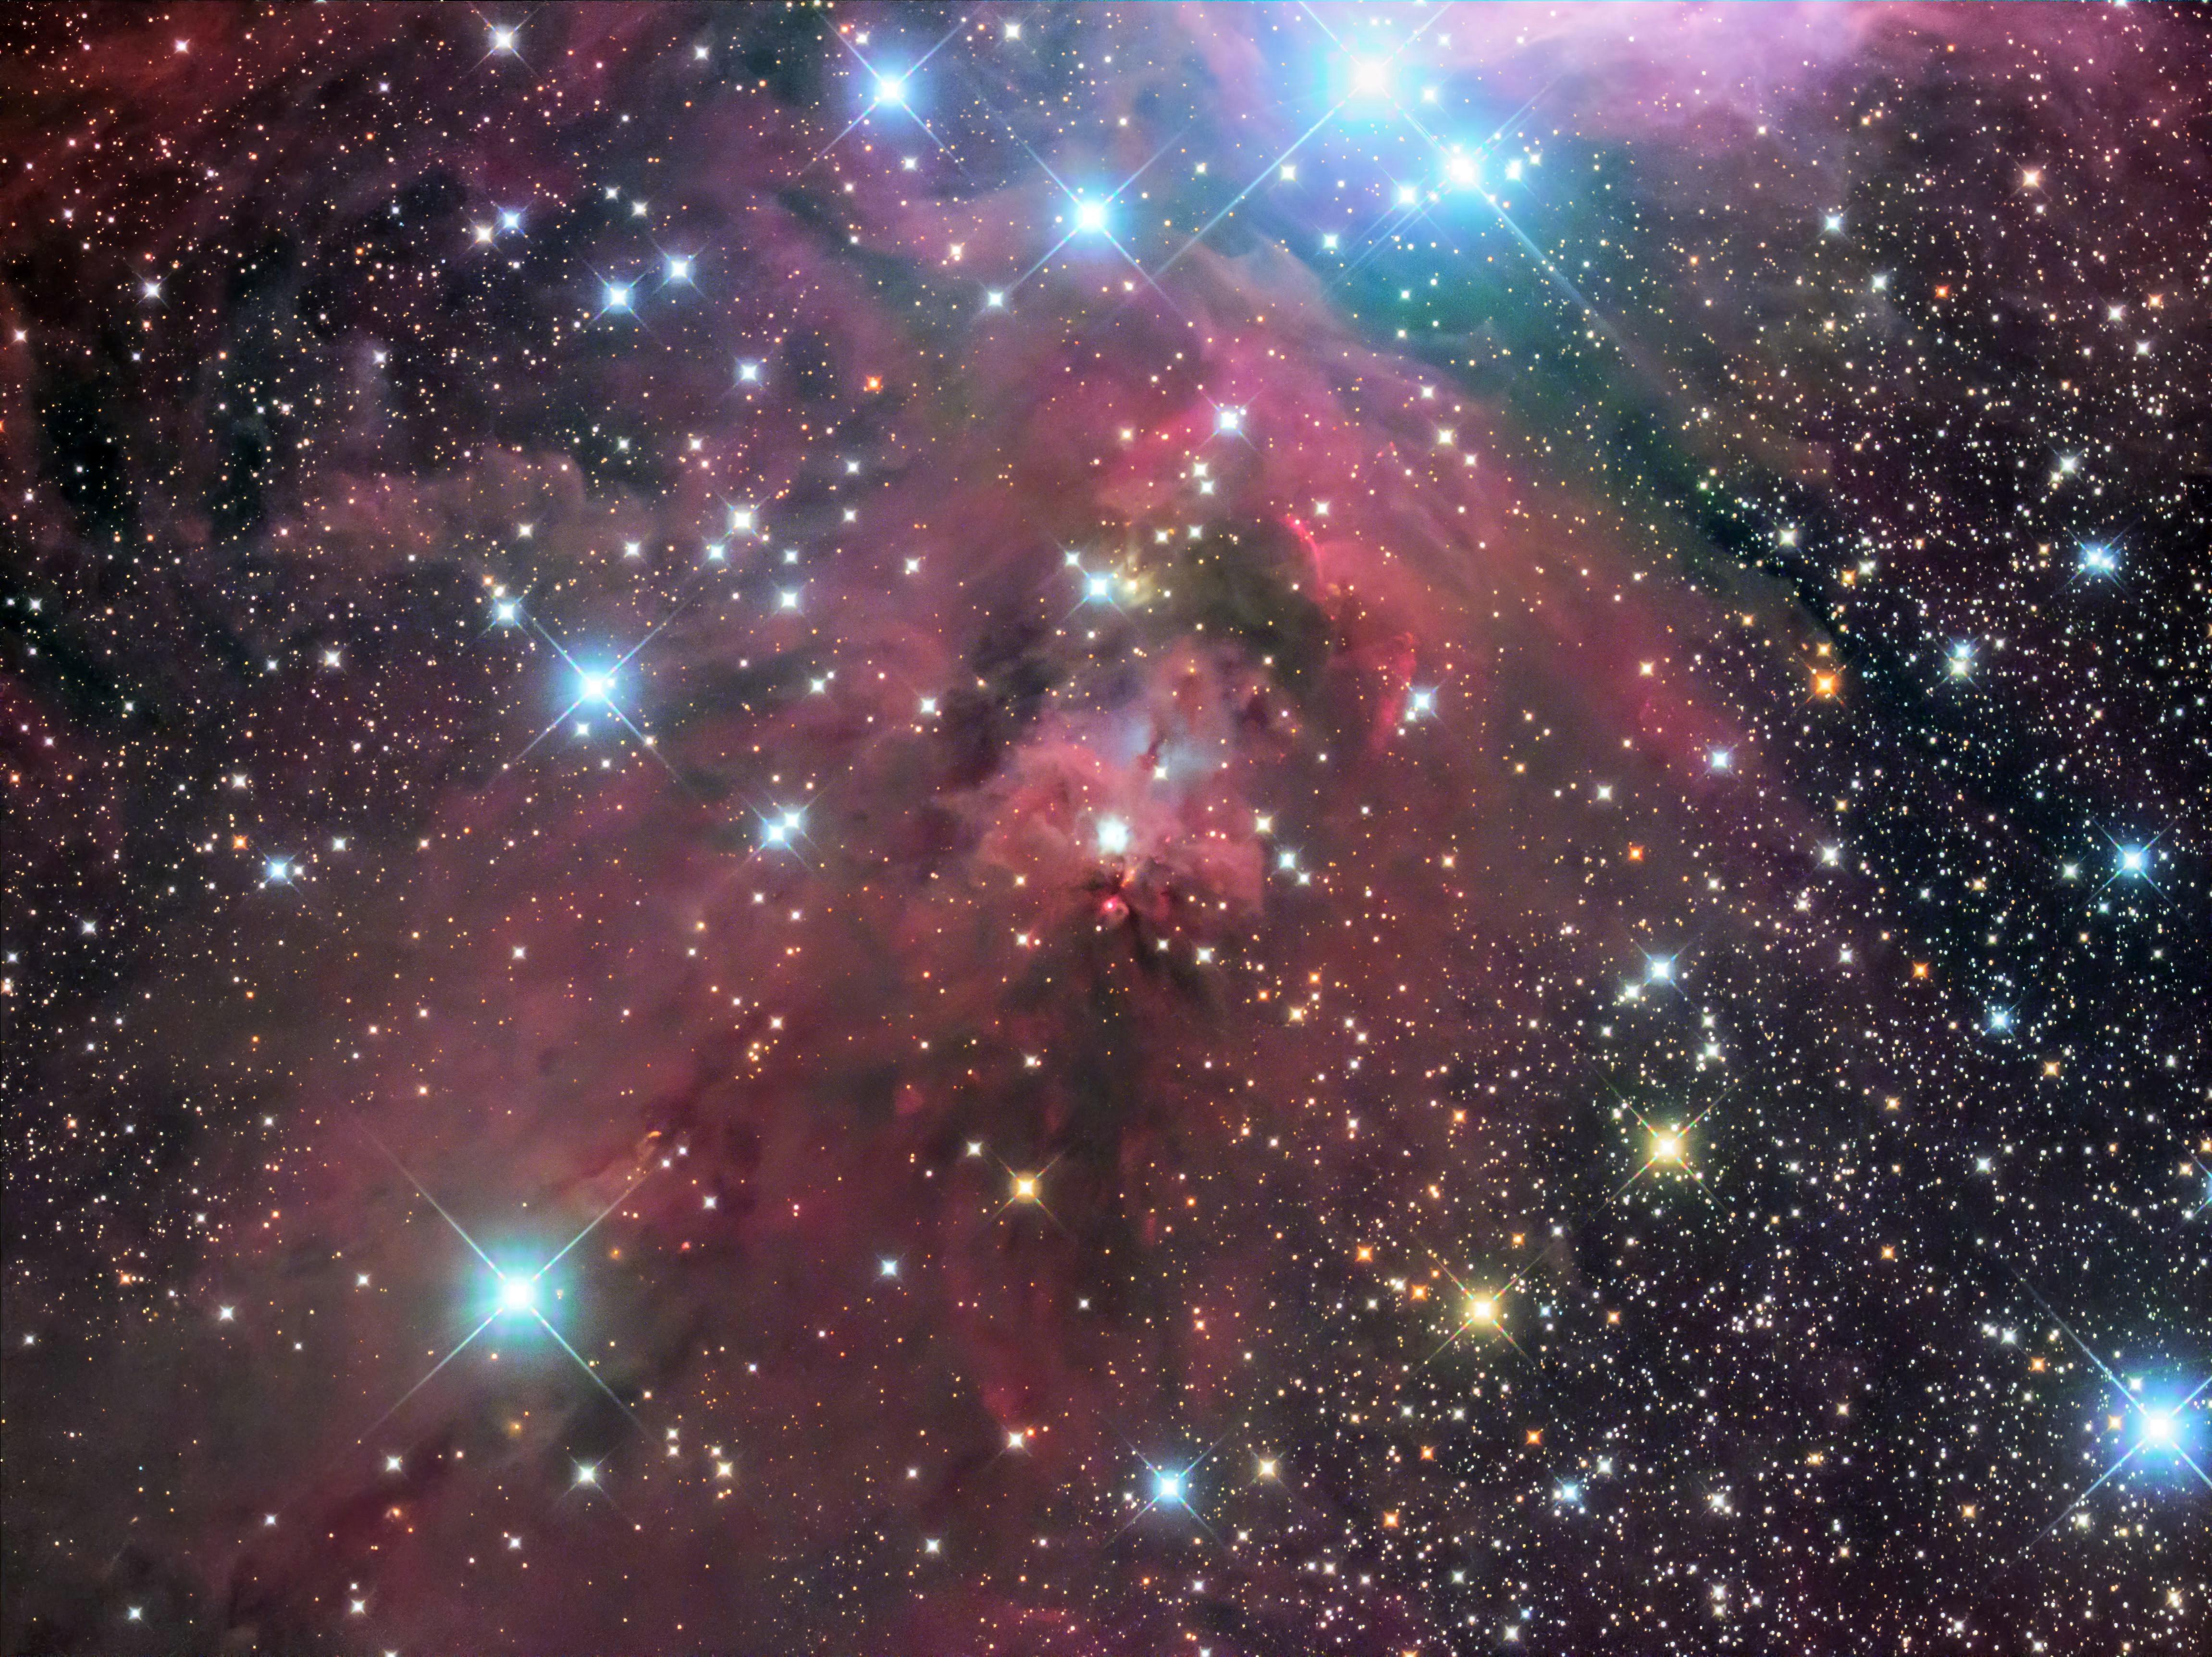 20200121 NGC1999 すさみ E-130D 1600MM2 RGB DG (1)